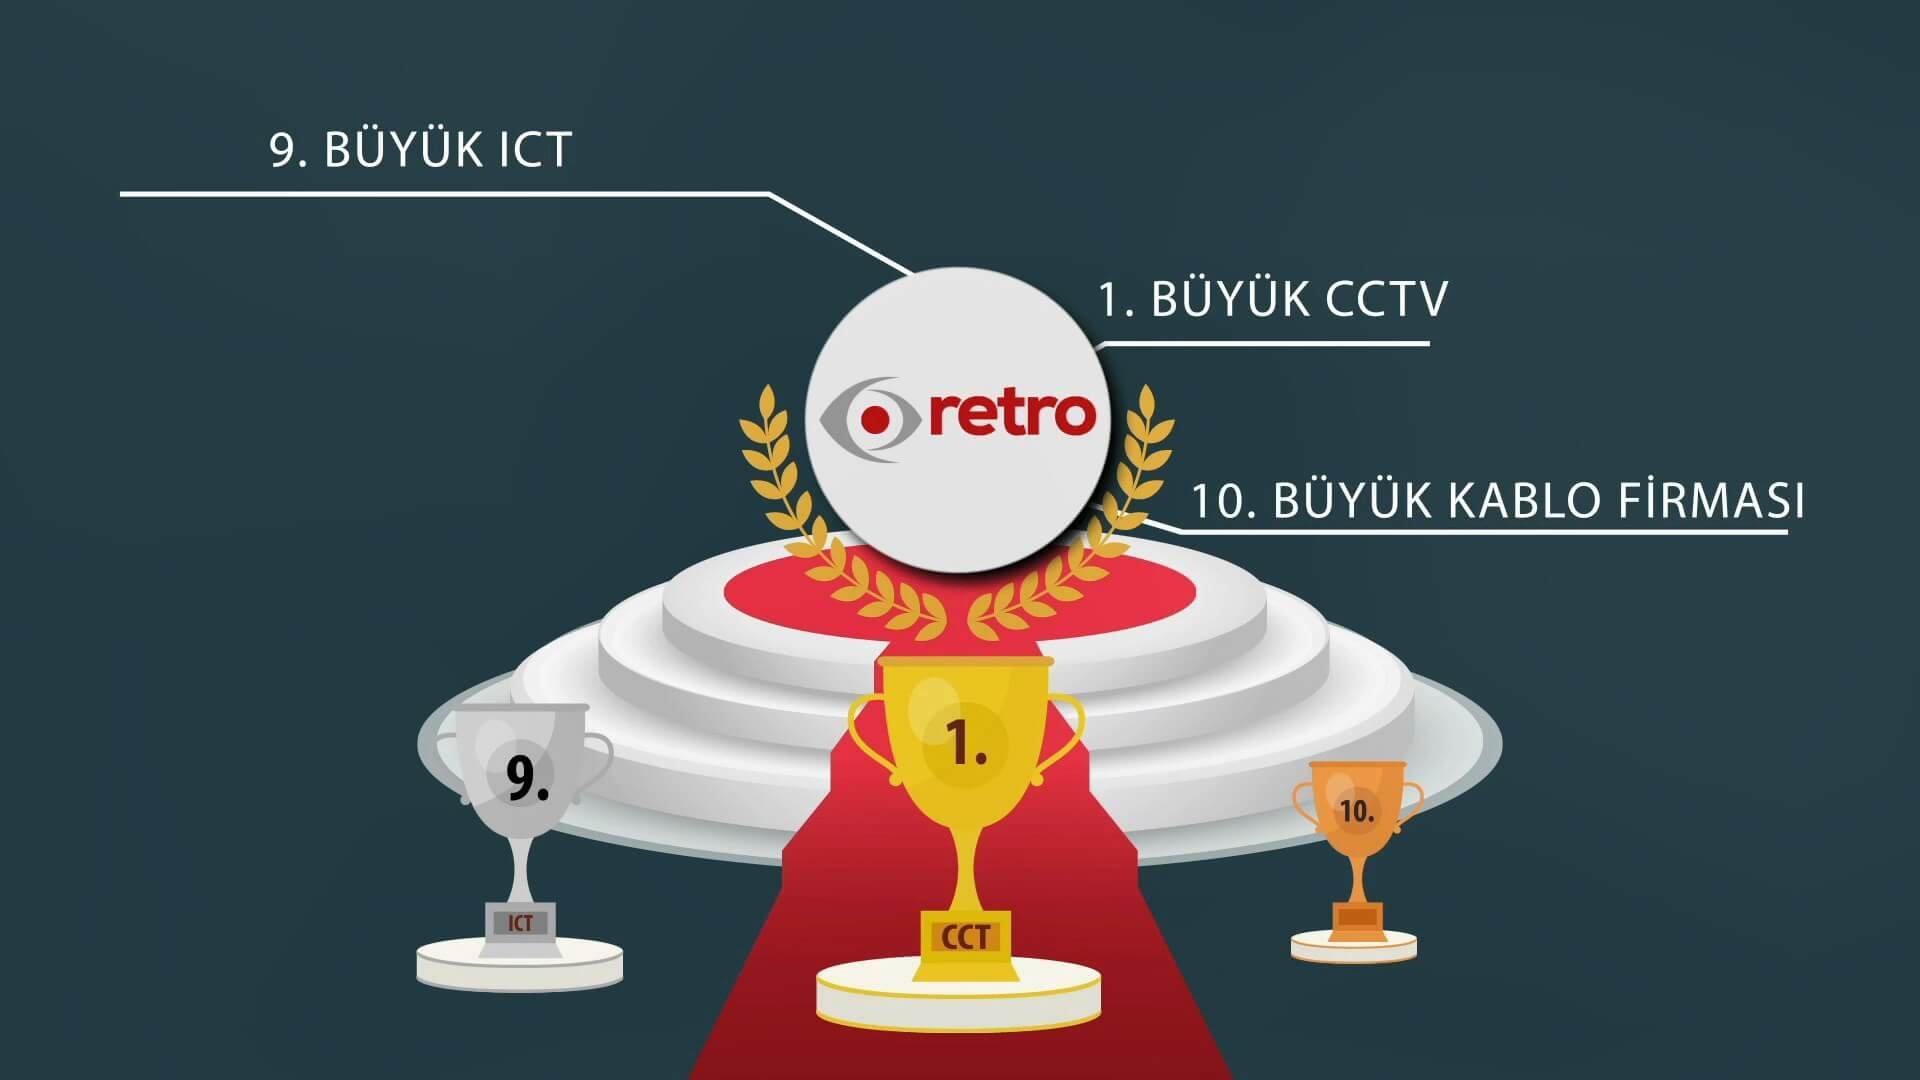 Retro11 1920x1080 - Retro Grup Şirketleri Animasyon Filmi